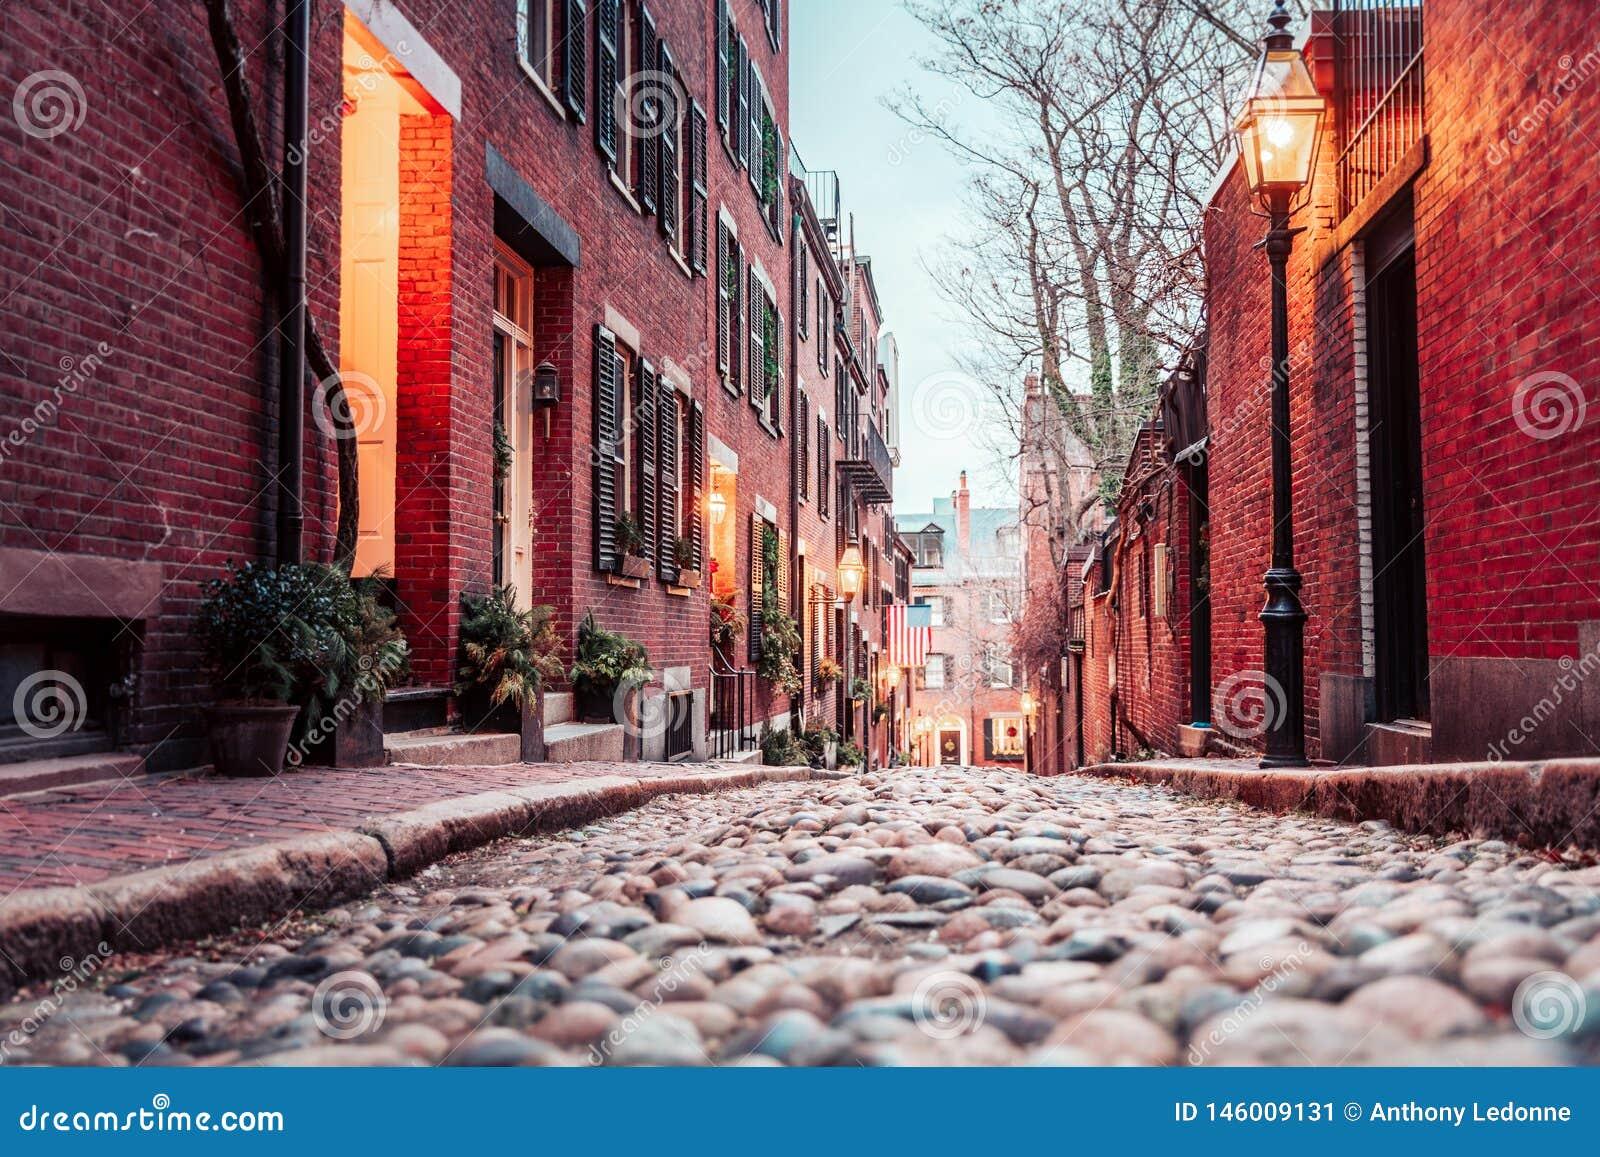 Dämmerung auf Bostons historischer Eichel-Straße